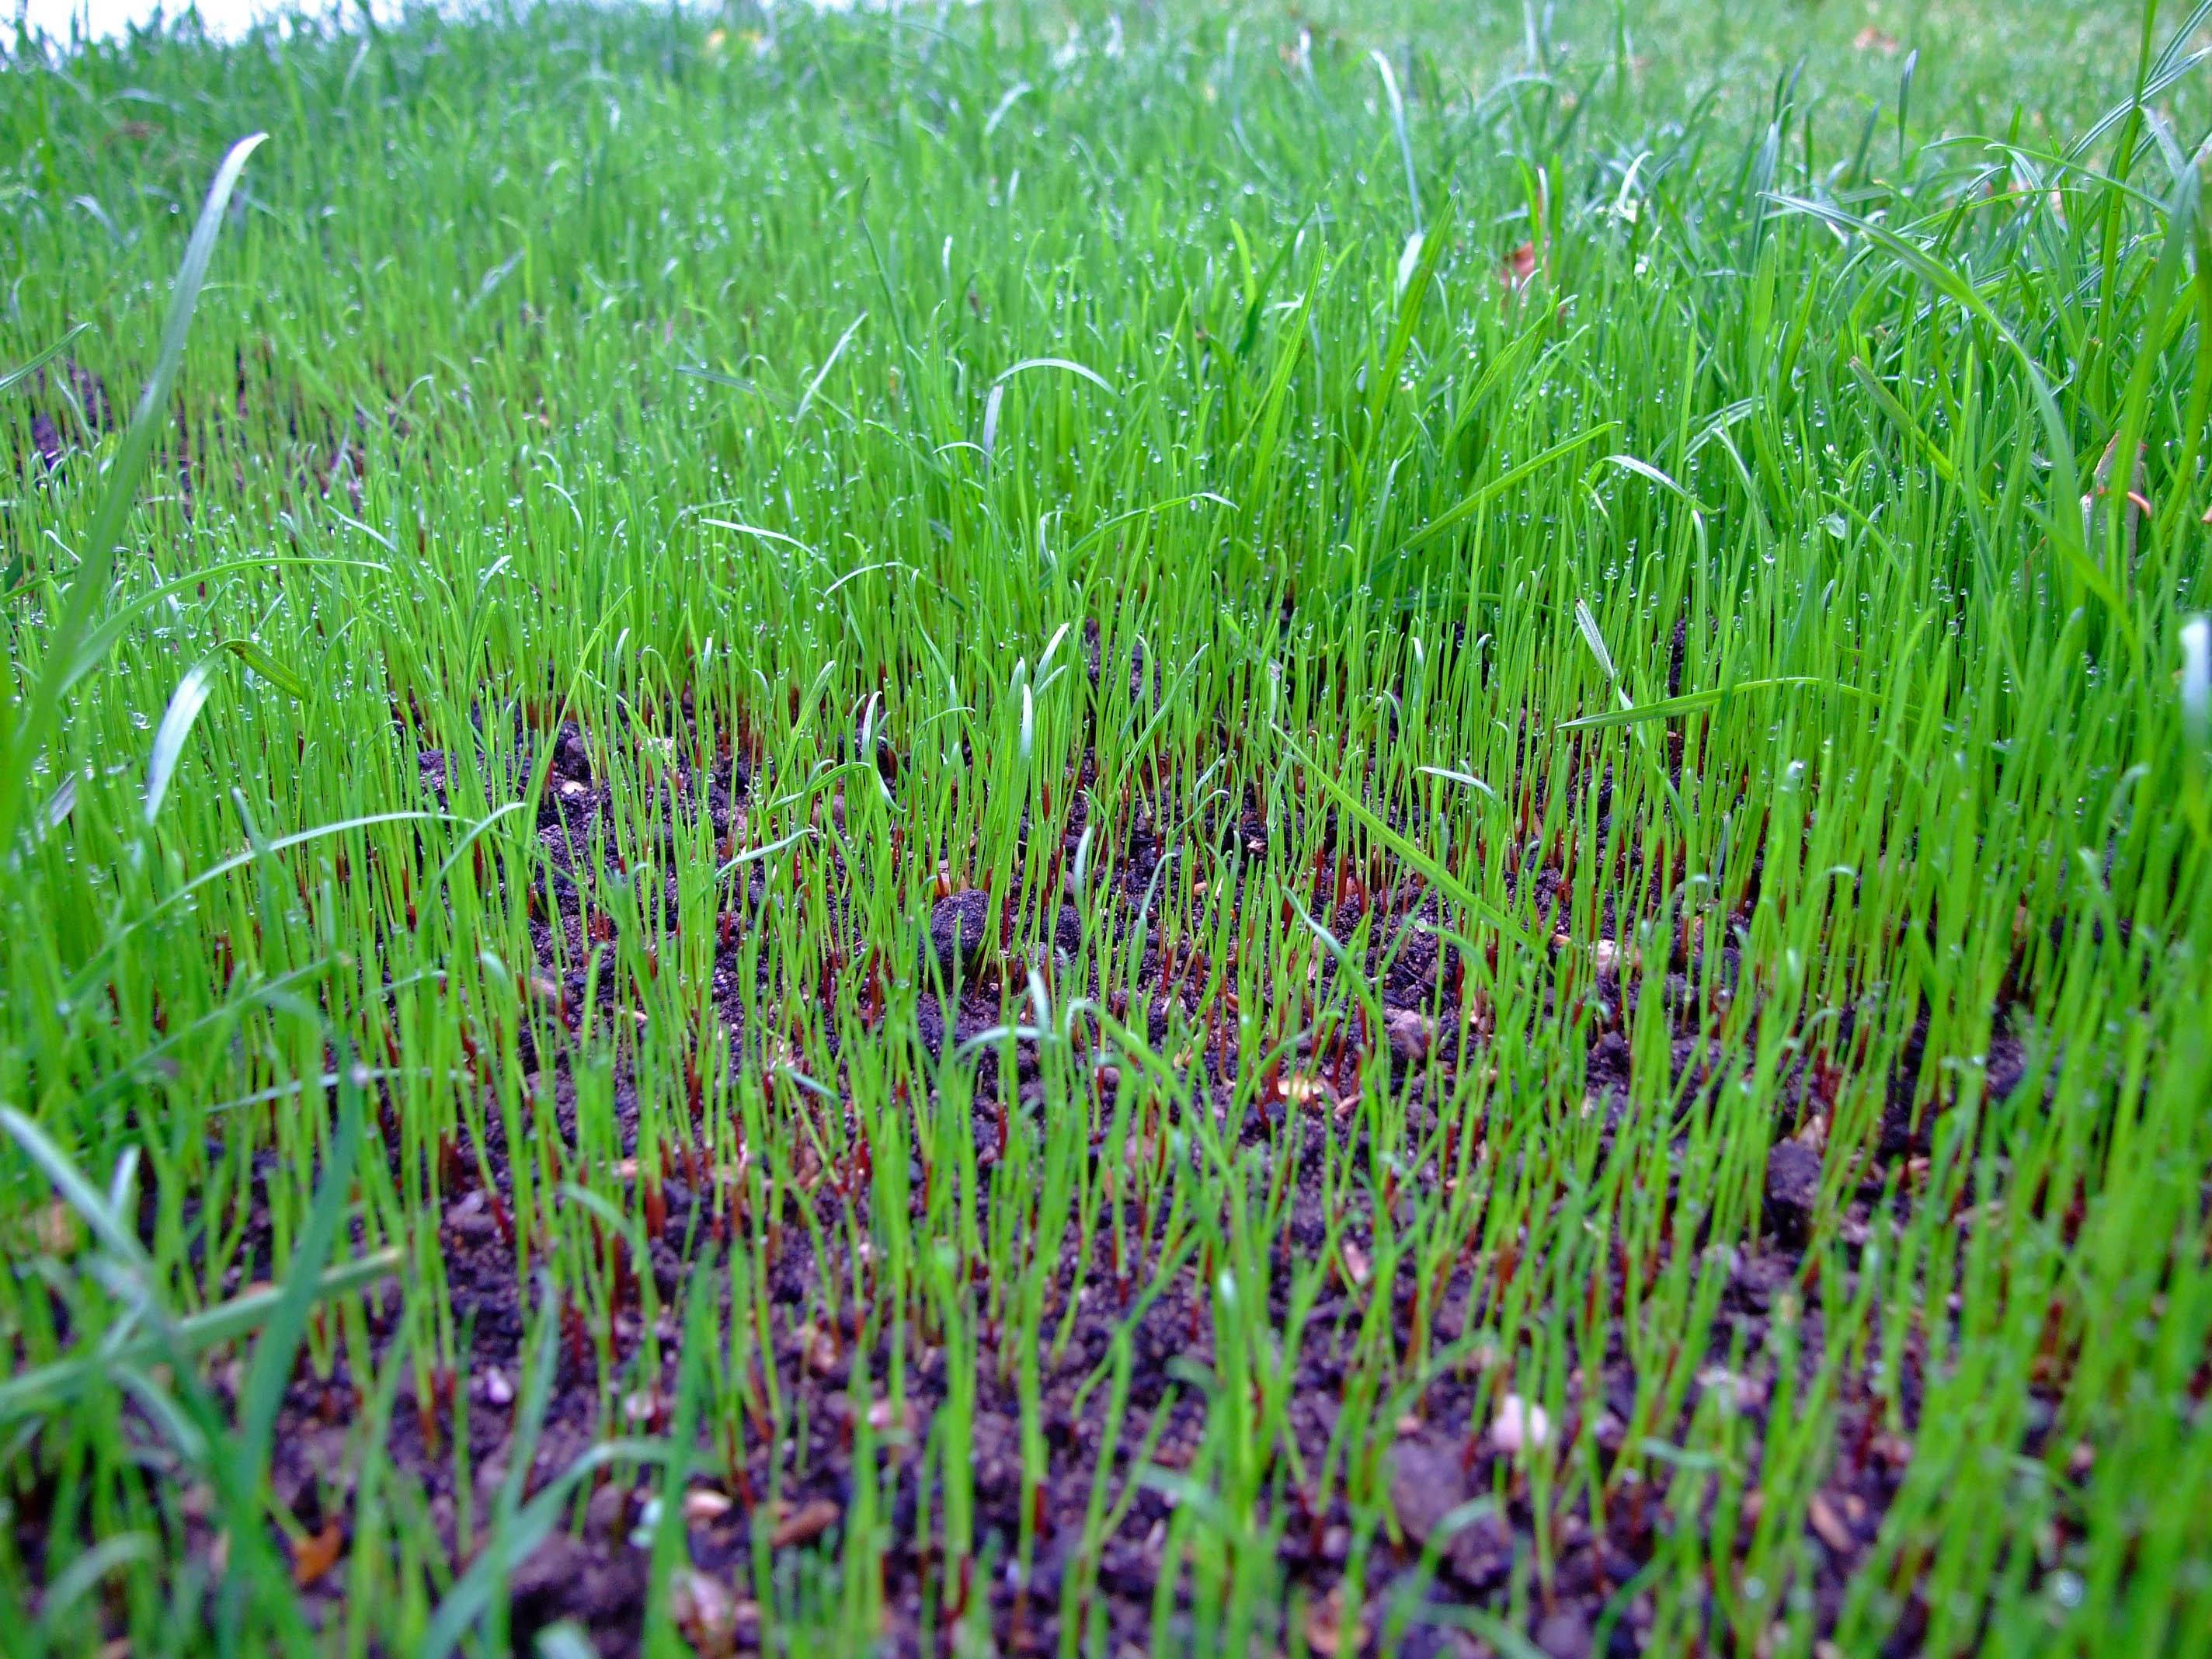 nutrilawn-seed-germination.jpg